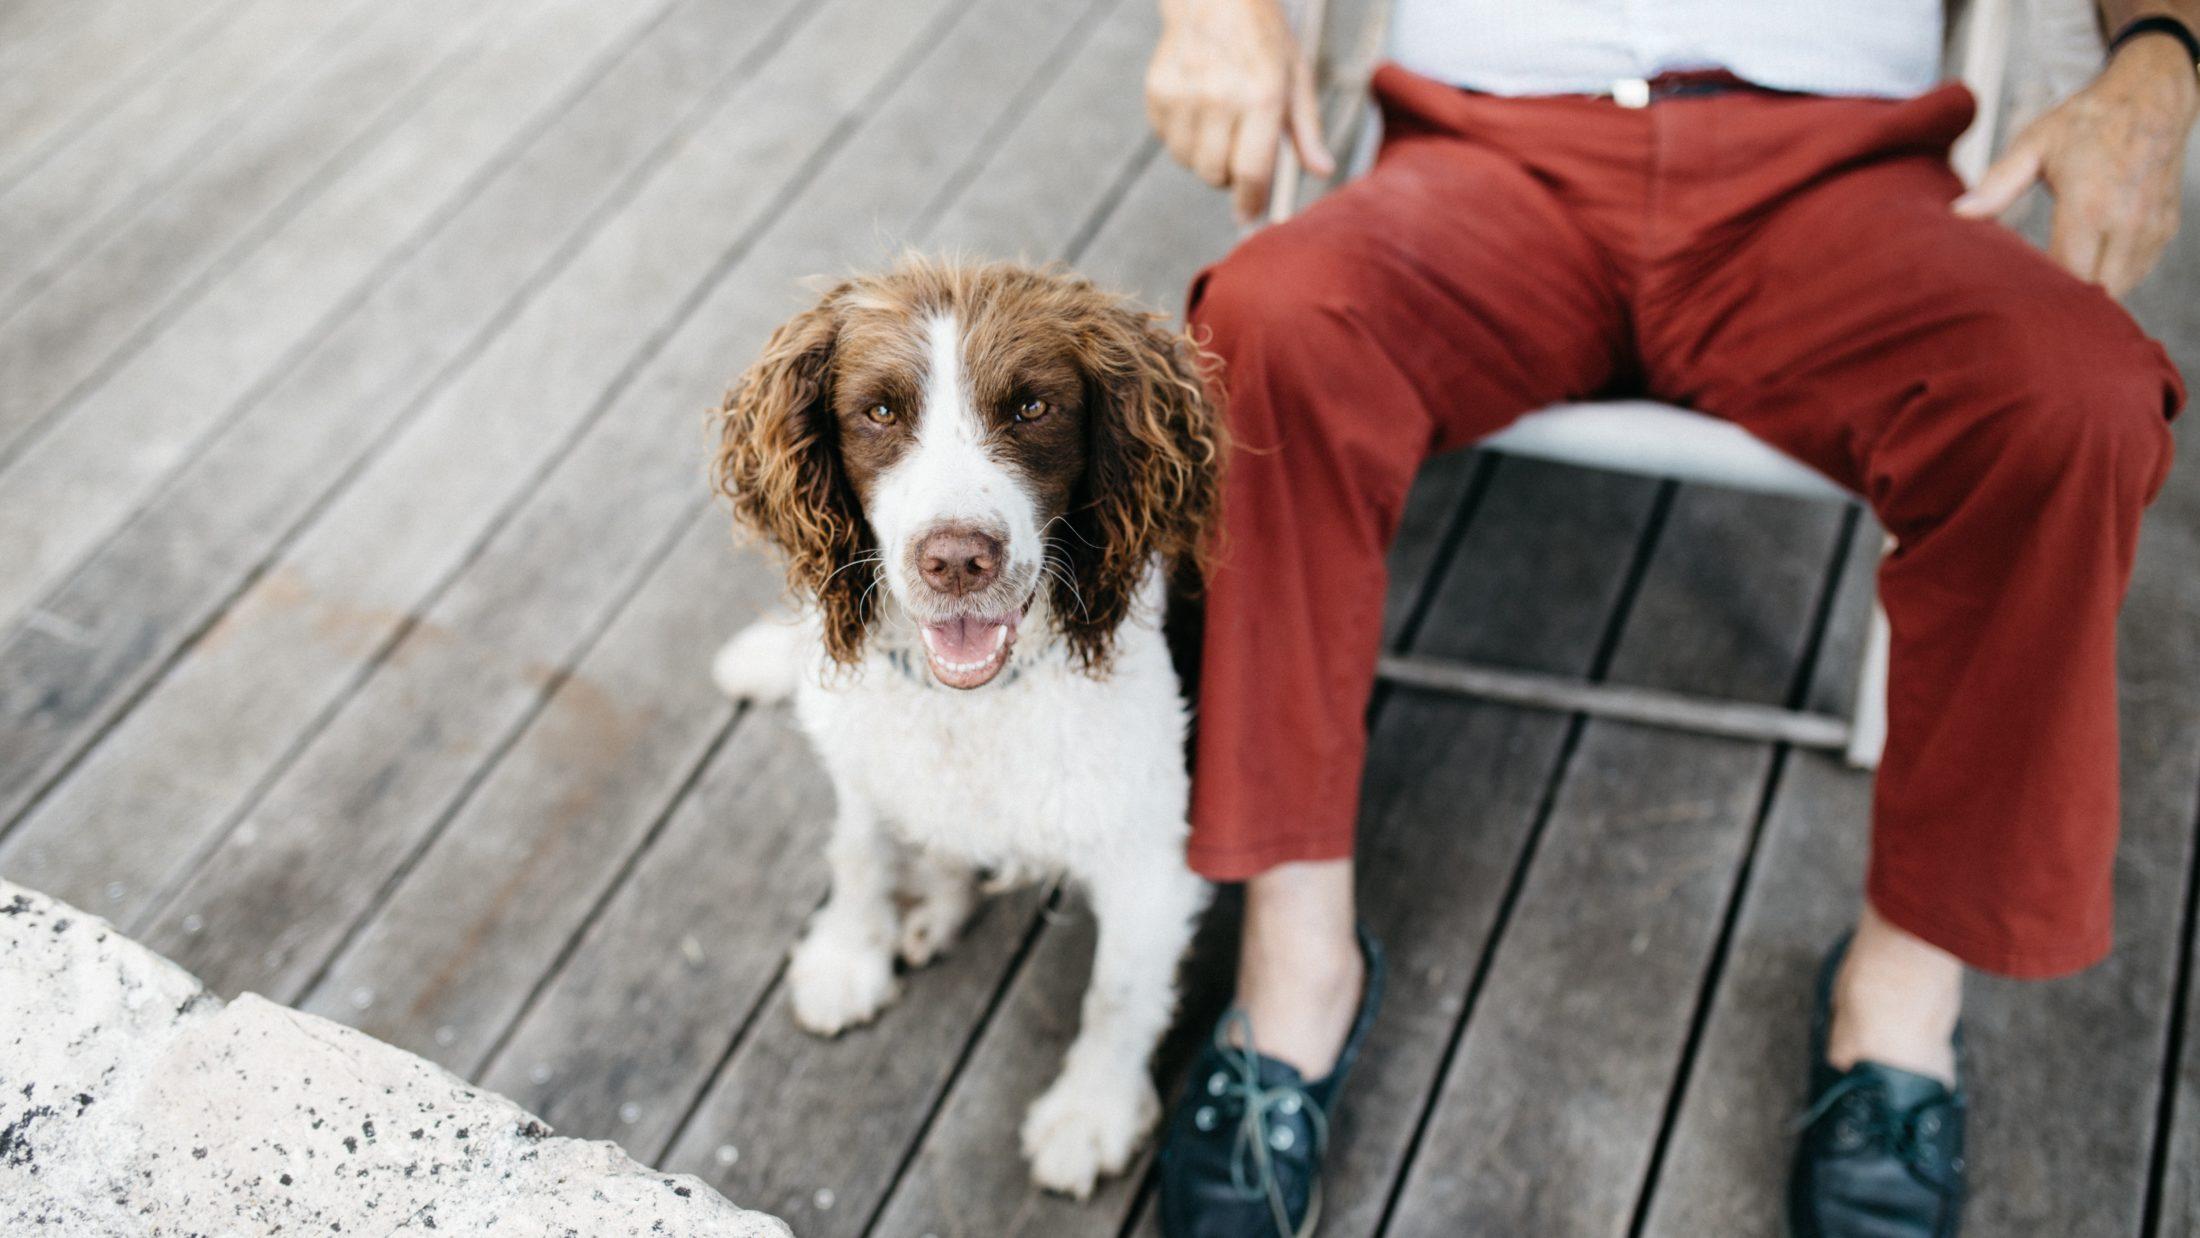 cachoror sentado ao aldo do dono mostrando que aprendeu a ocmandos básicos de treinamento de ficar parado